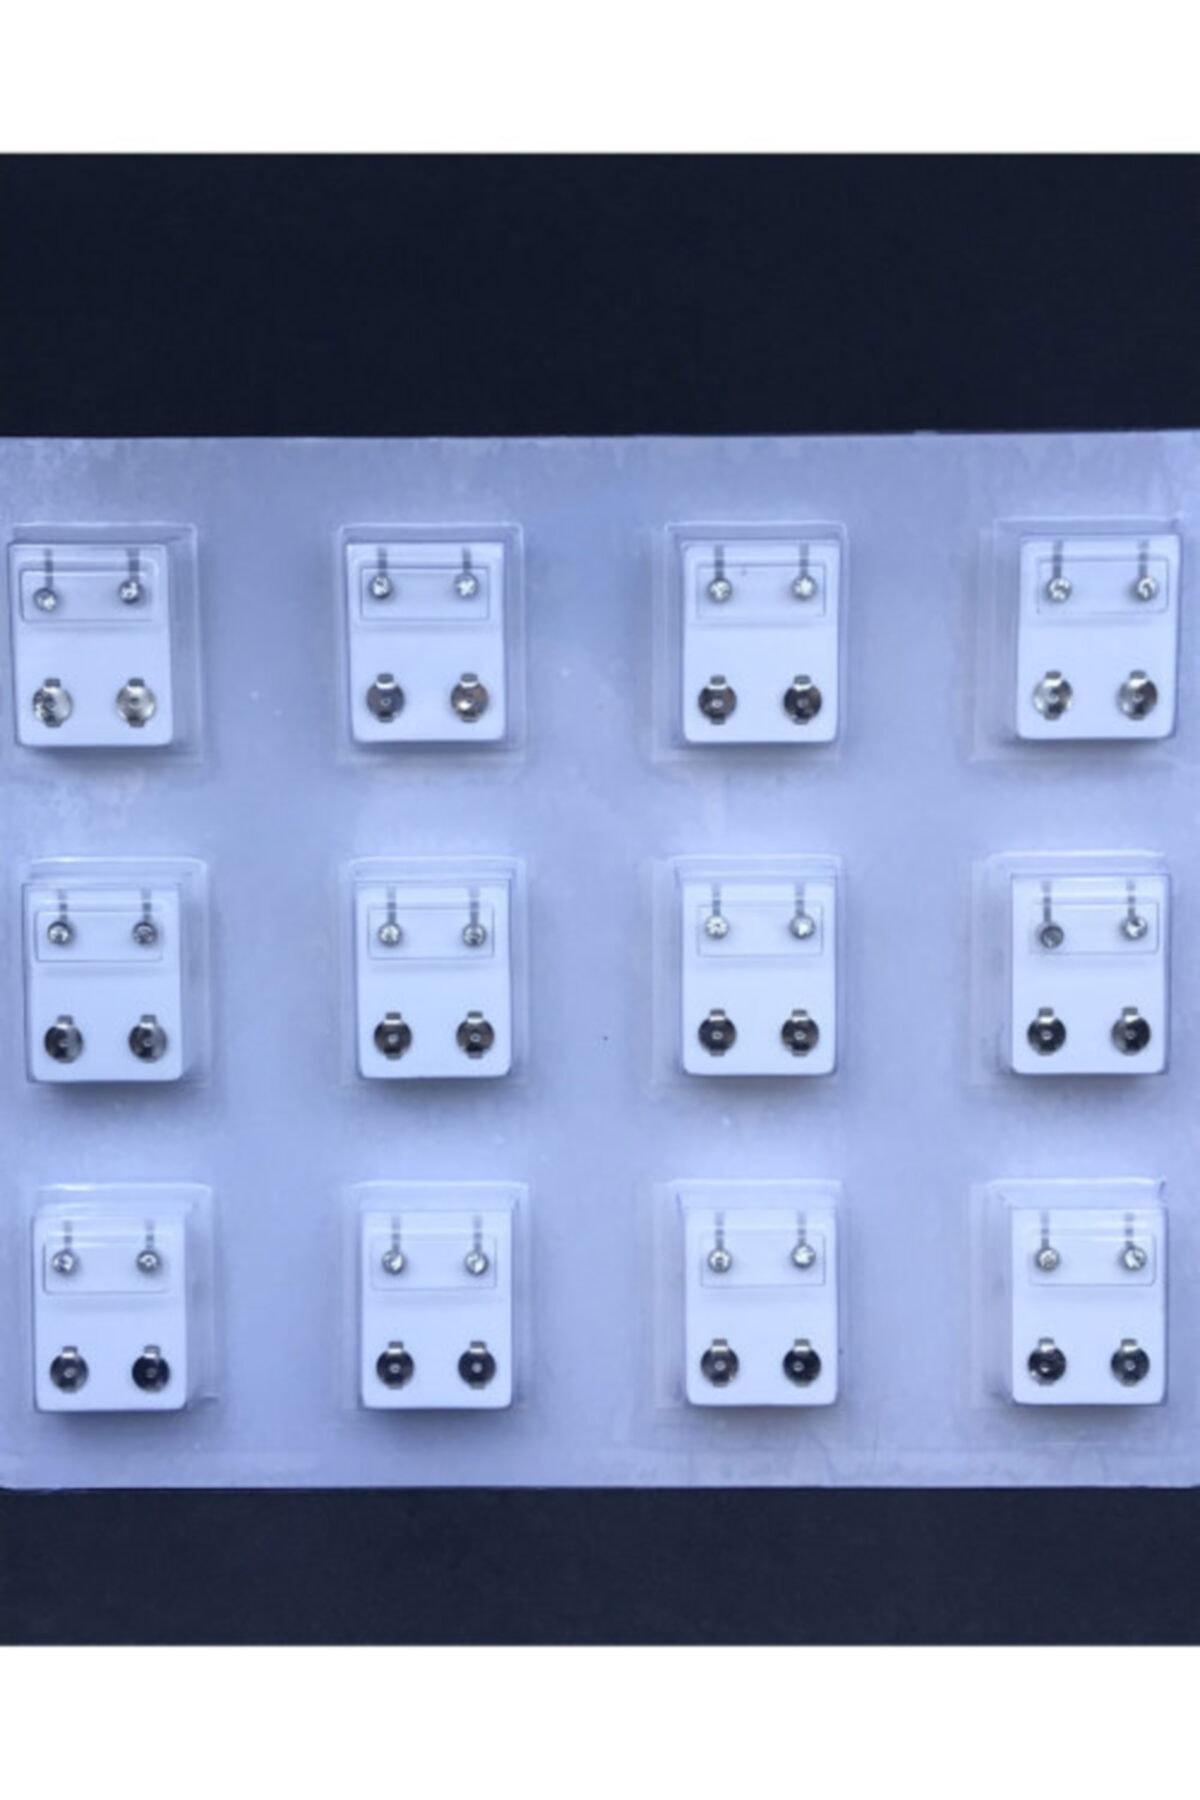 Akarslan Collection 12 Çift Tektaş Modeli Gümüş Rengi Cerrahi Kulak Delme Küpesi 1